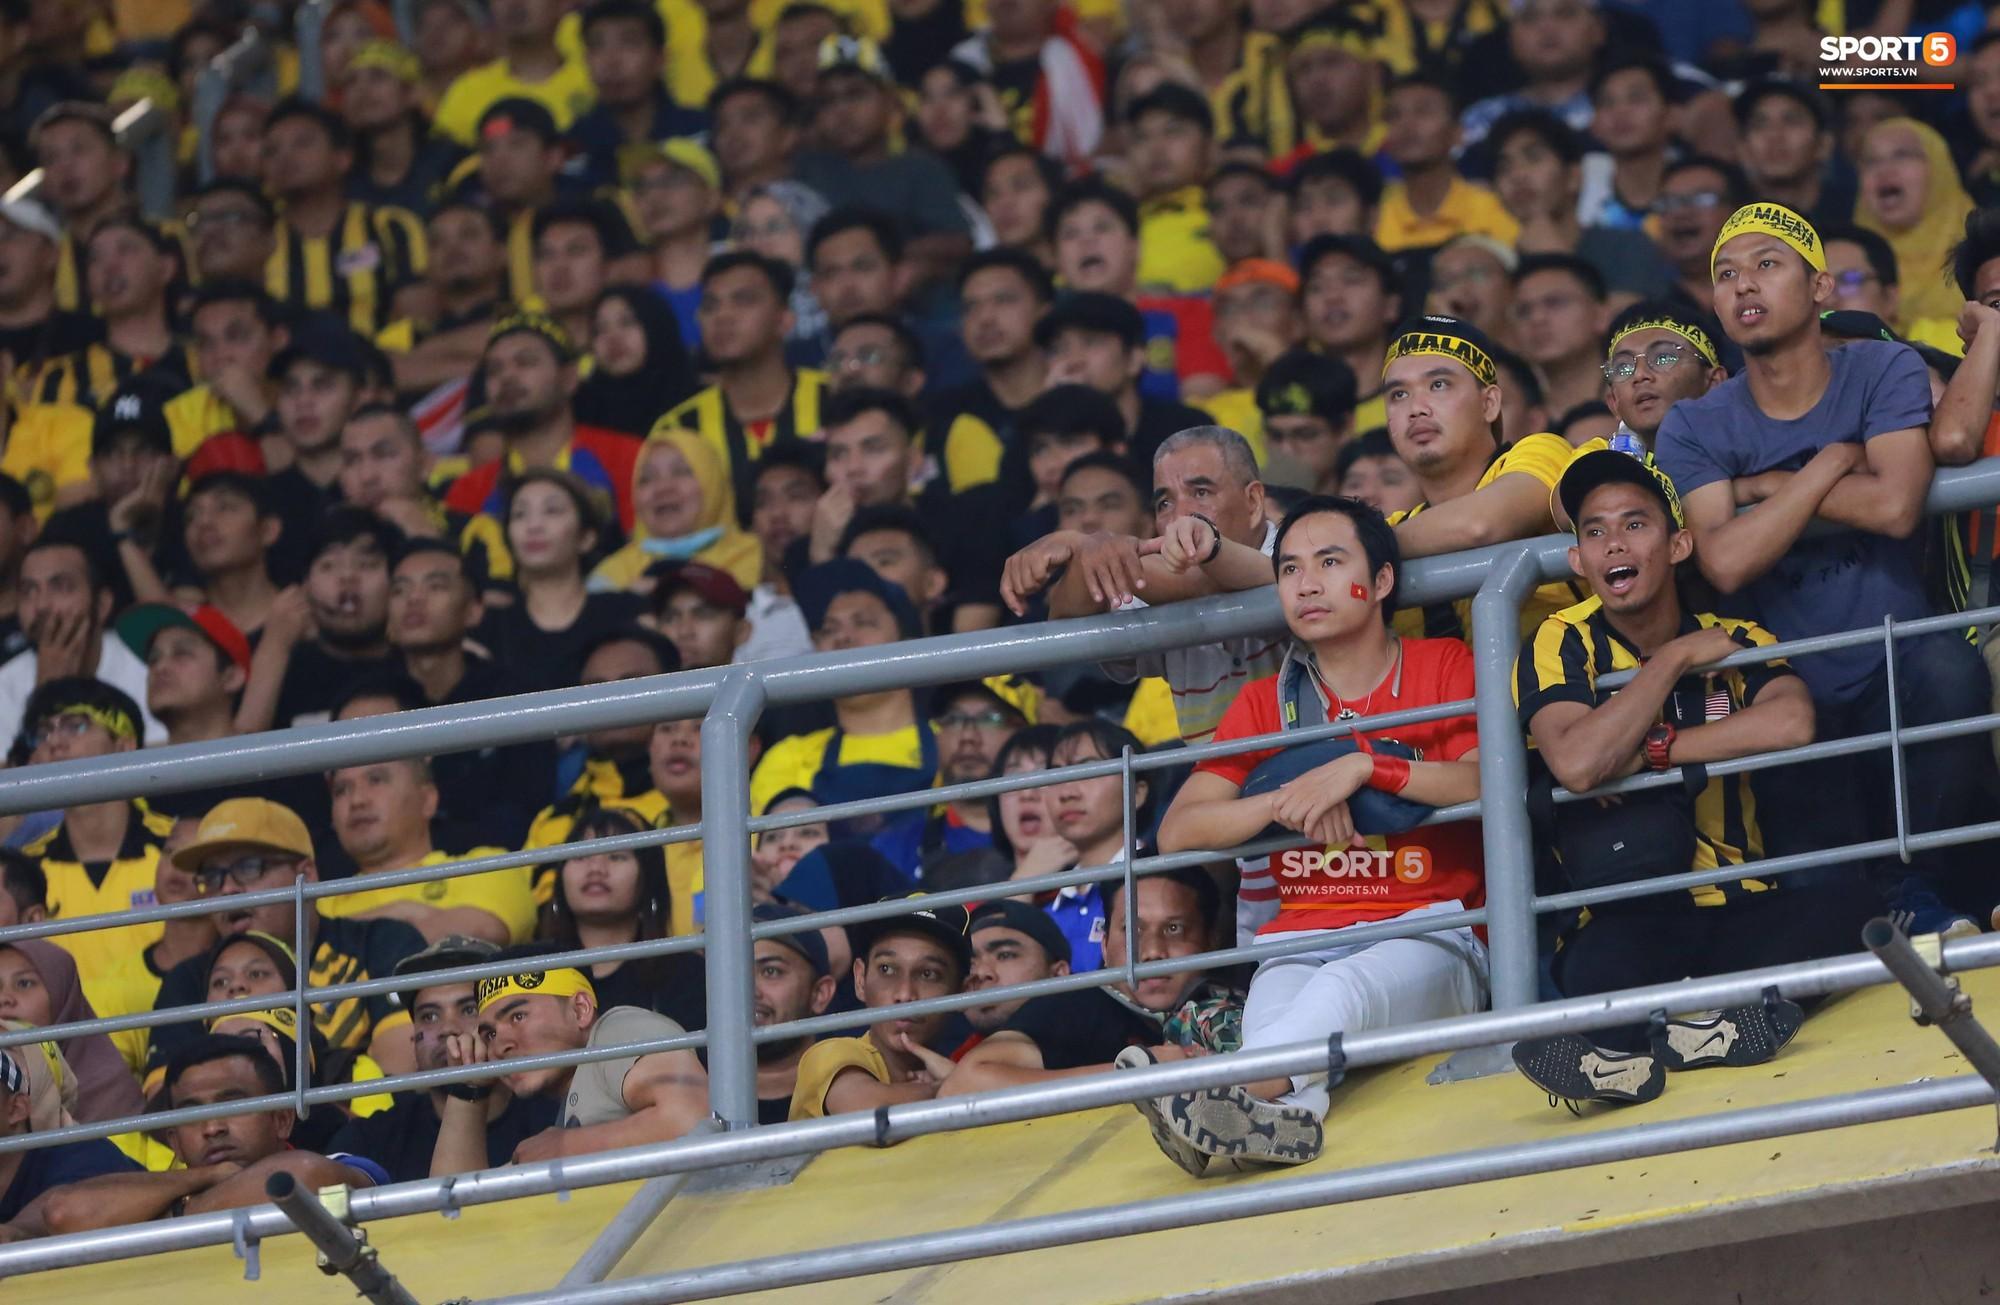 Báo Malaysia thay CĐV Việt Nam nói lên nỗi bức xúc vì bị cướp chỗ trên khán đài Bukit Jalil - Ảnh 2.